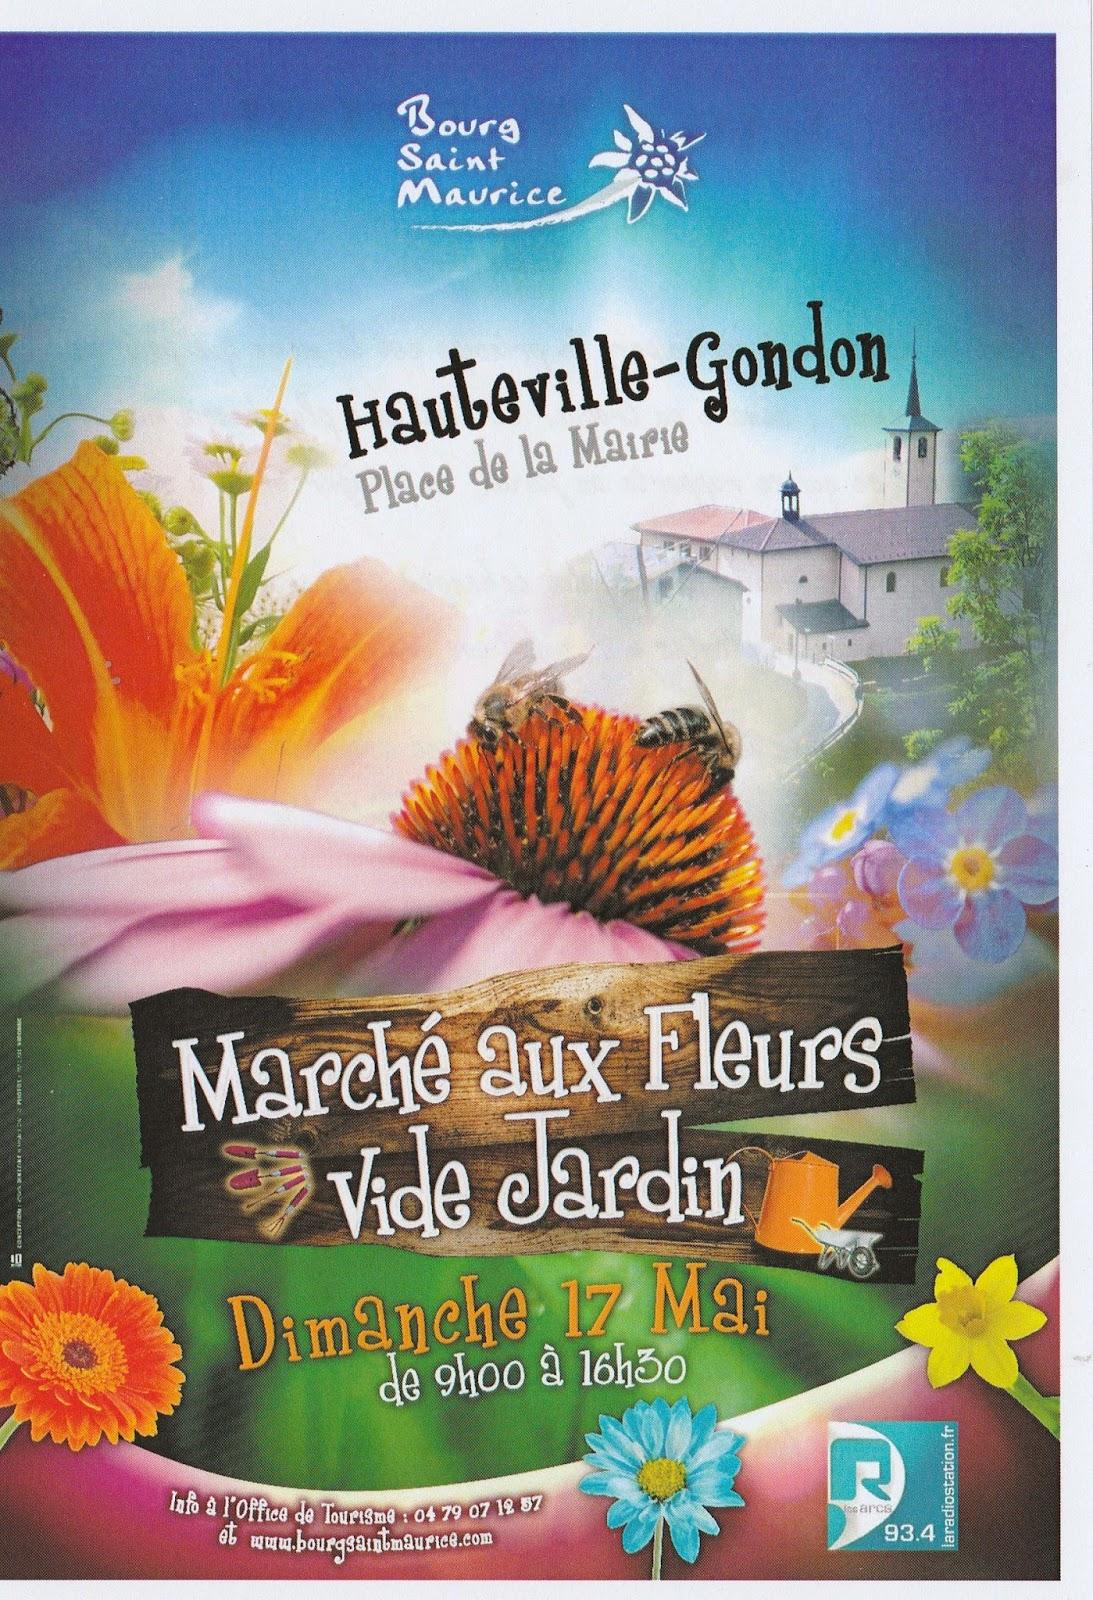 Les derni res infos de haute tarentaise par pierre for Vide jardin tremeoc 2015